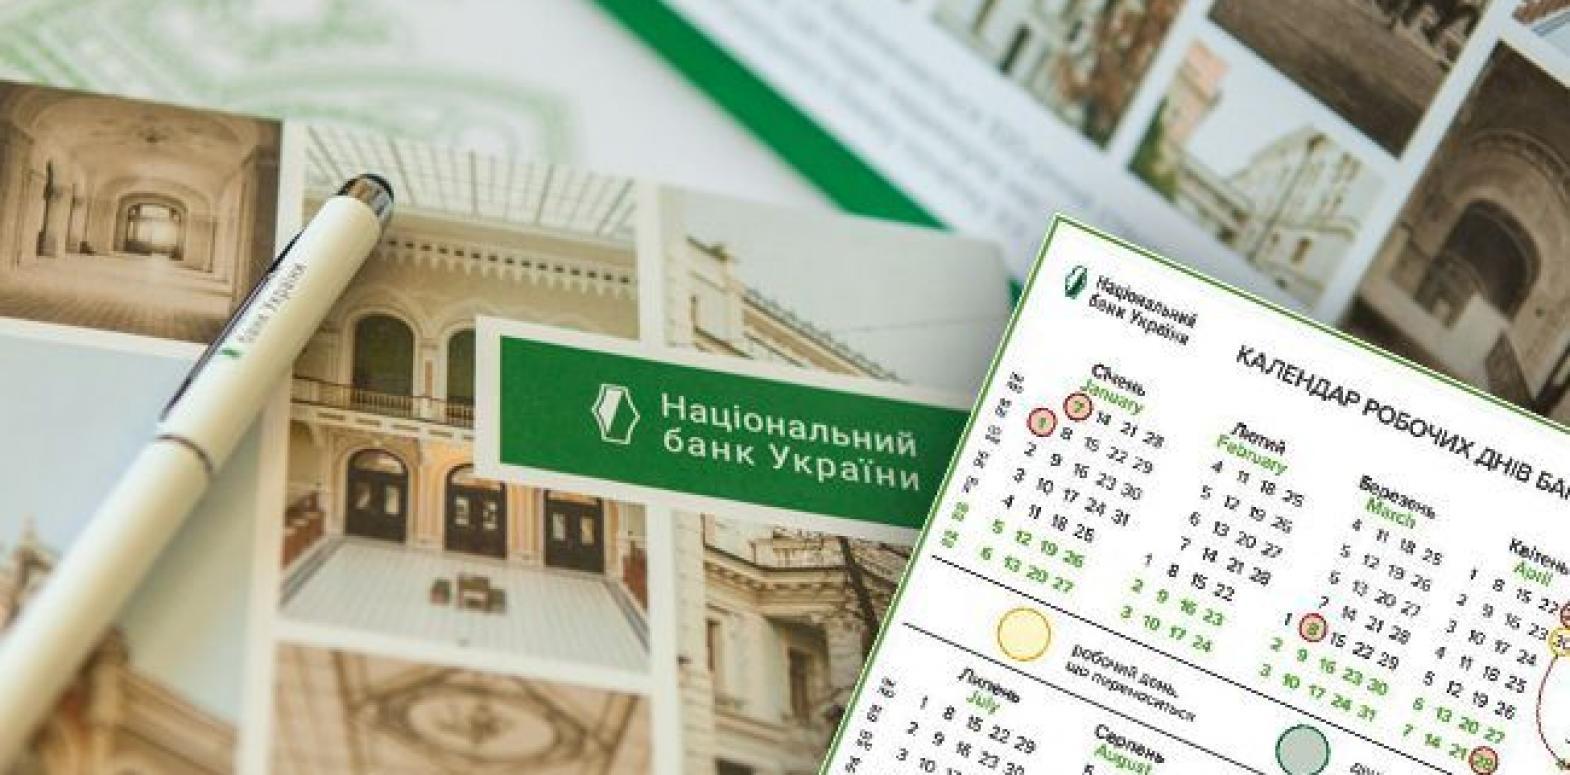 НБУ напомнил о выходных днях в банках из-за Дня Независимости